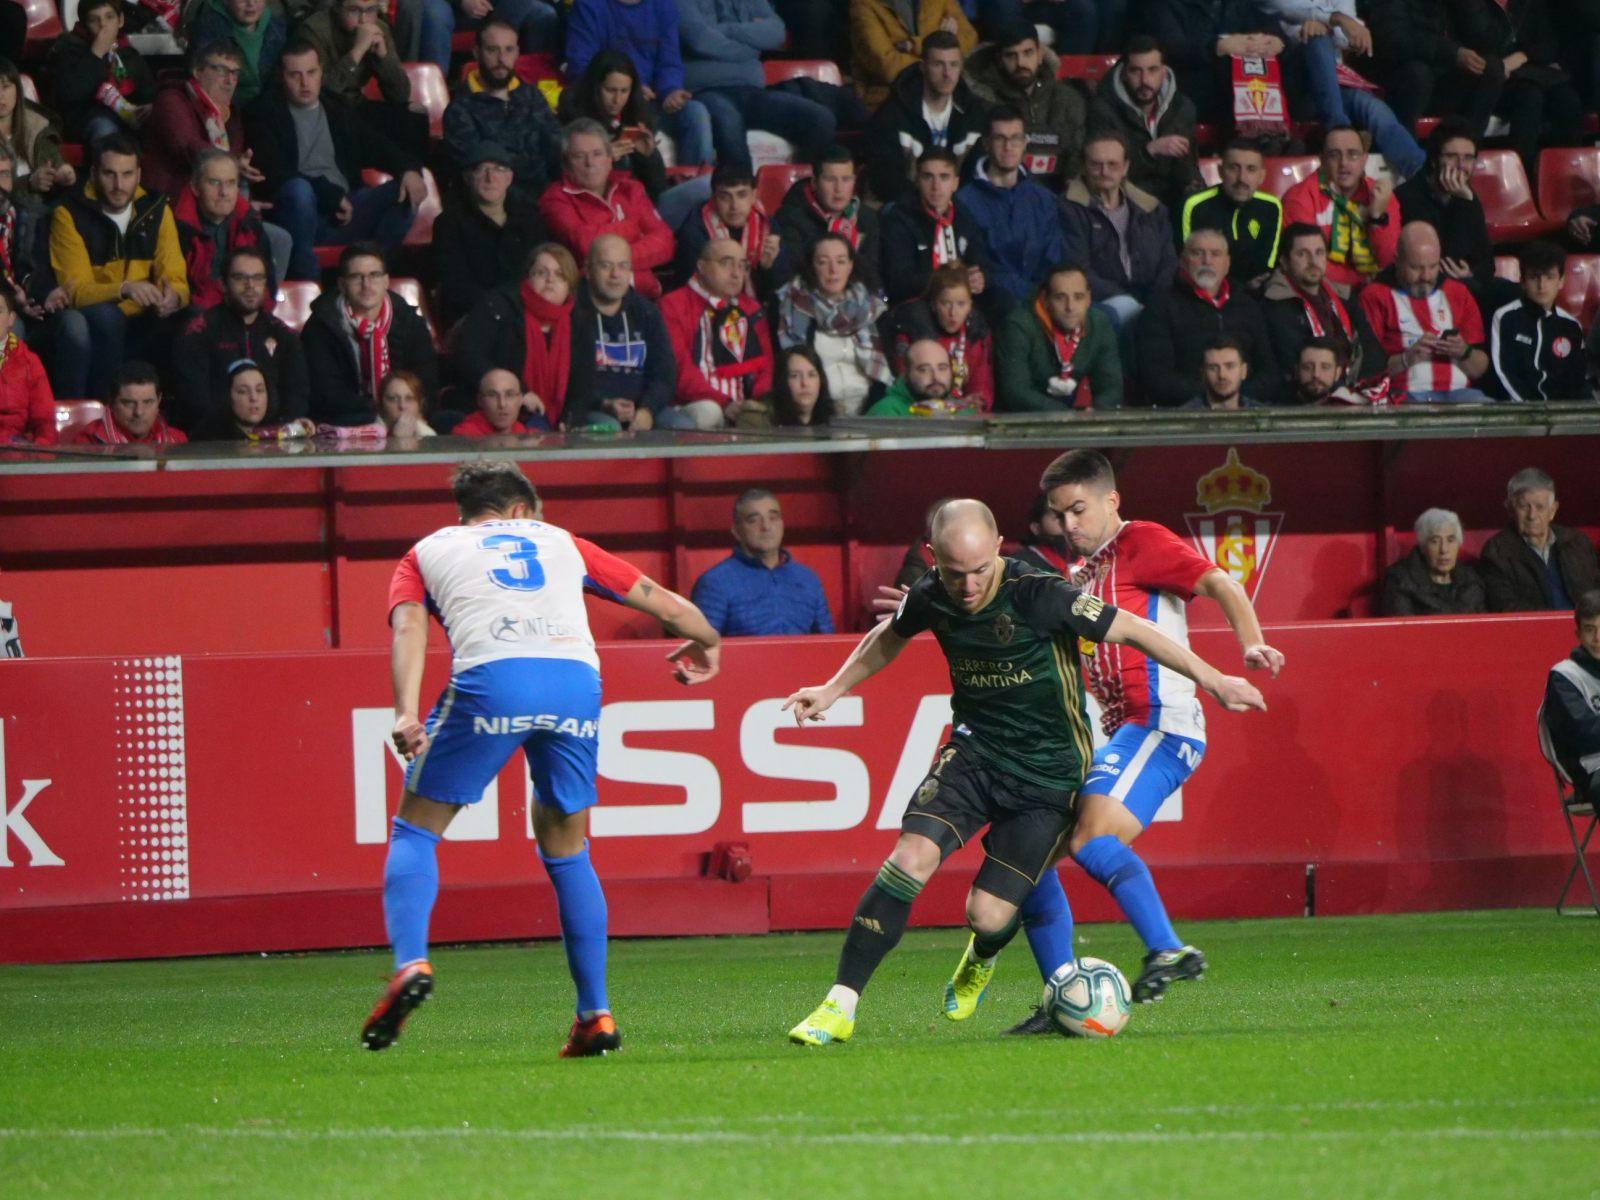 La previa del partido SD Ponferradina - Real Sporting 1